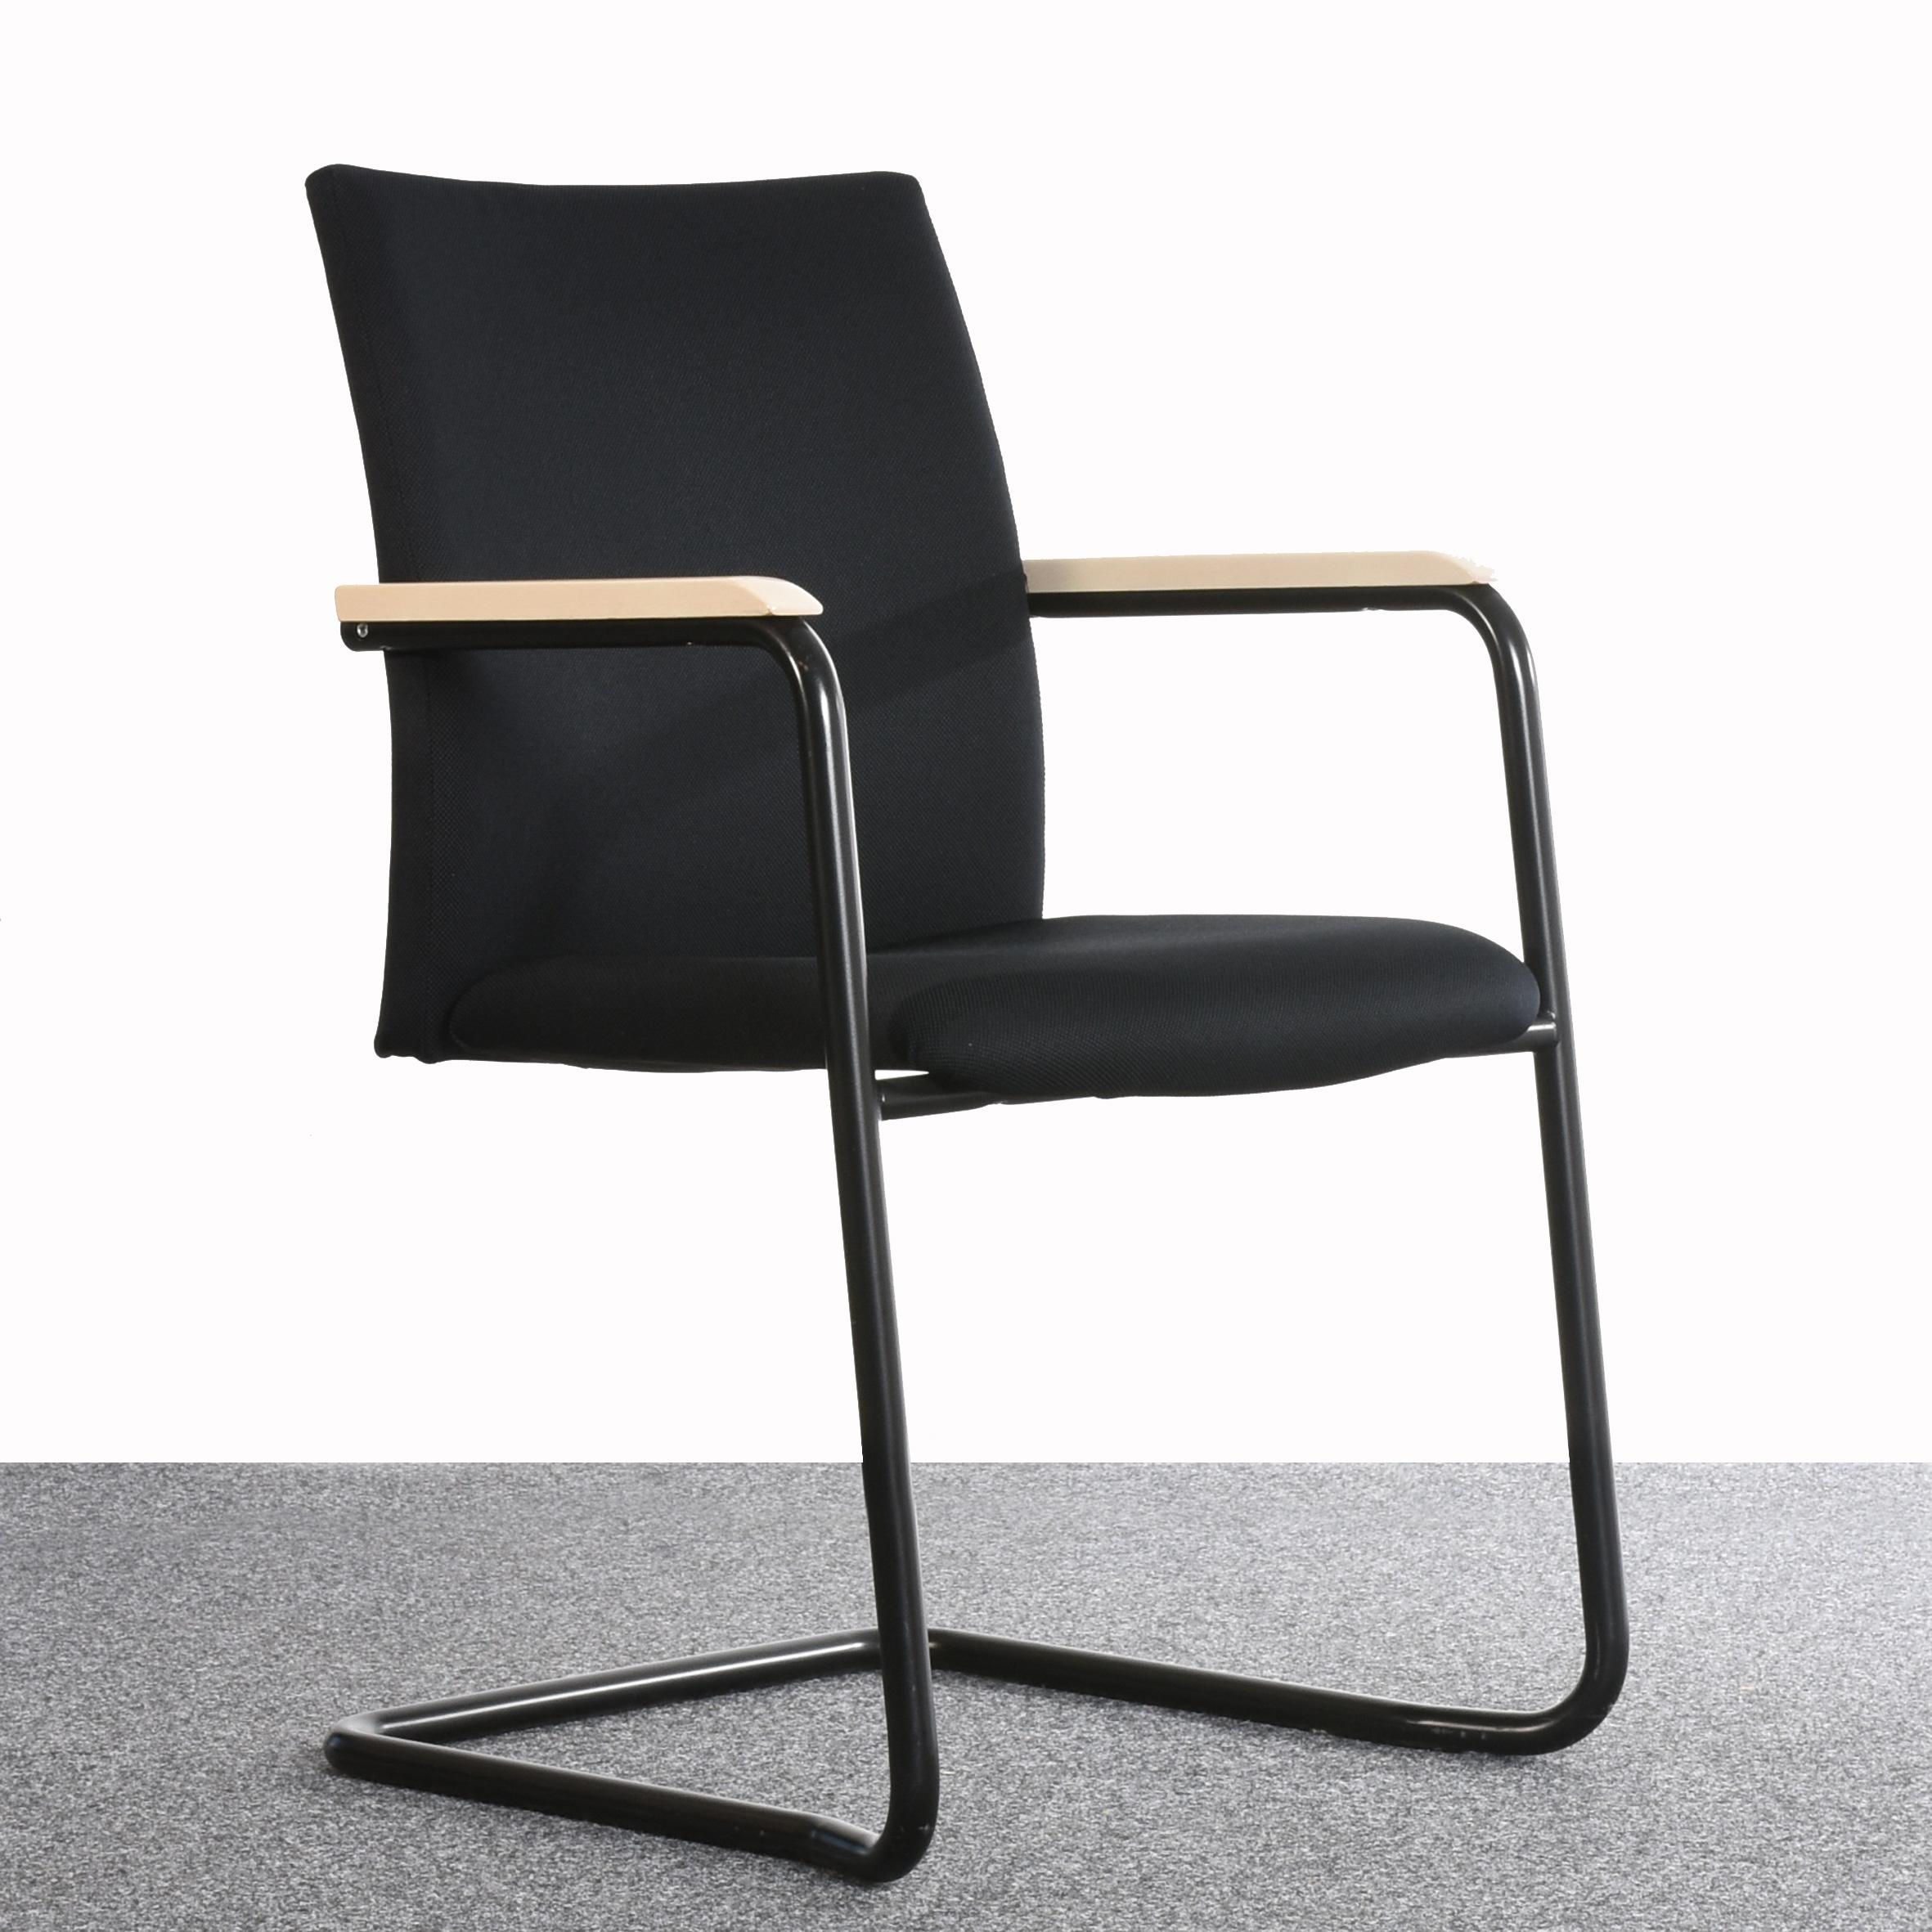 freischwinger comforto textil schwarz armlehne holz wei gebraucht. Black Bedroom Furniture Sets. Home Design Ideas